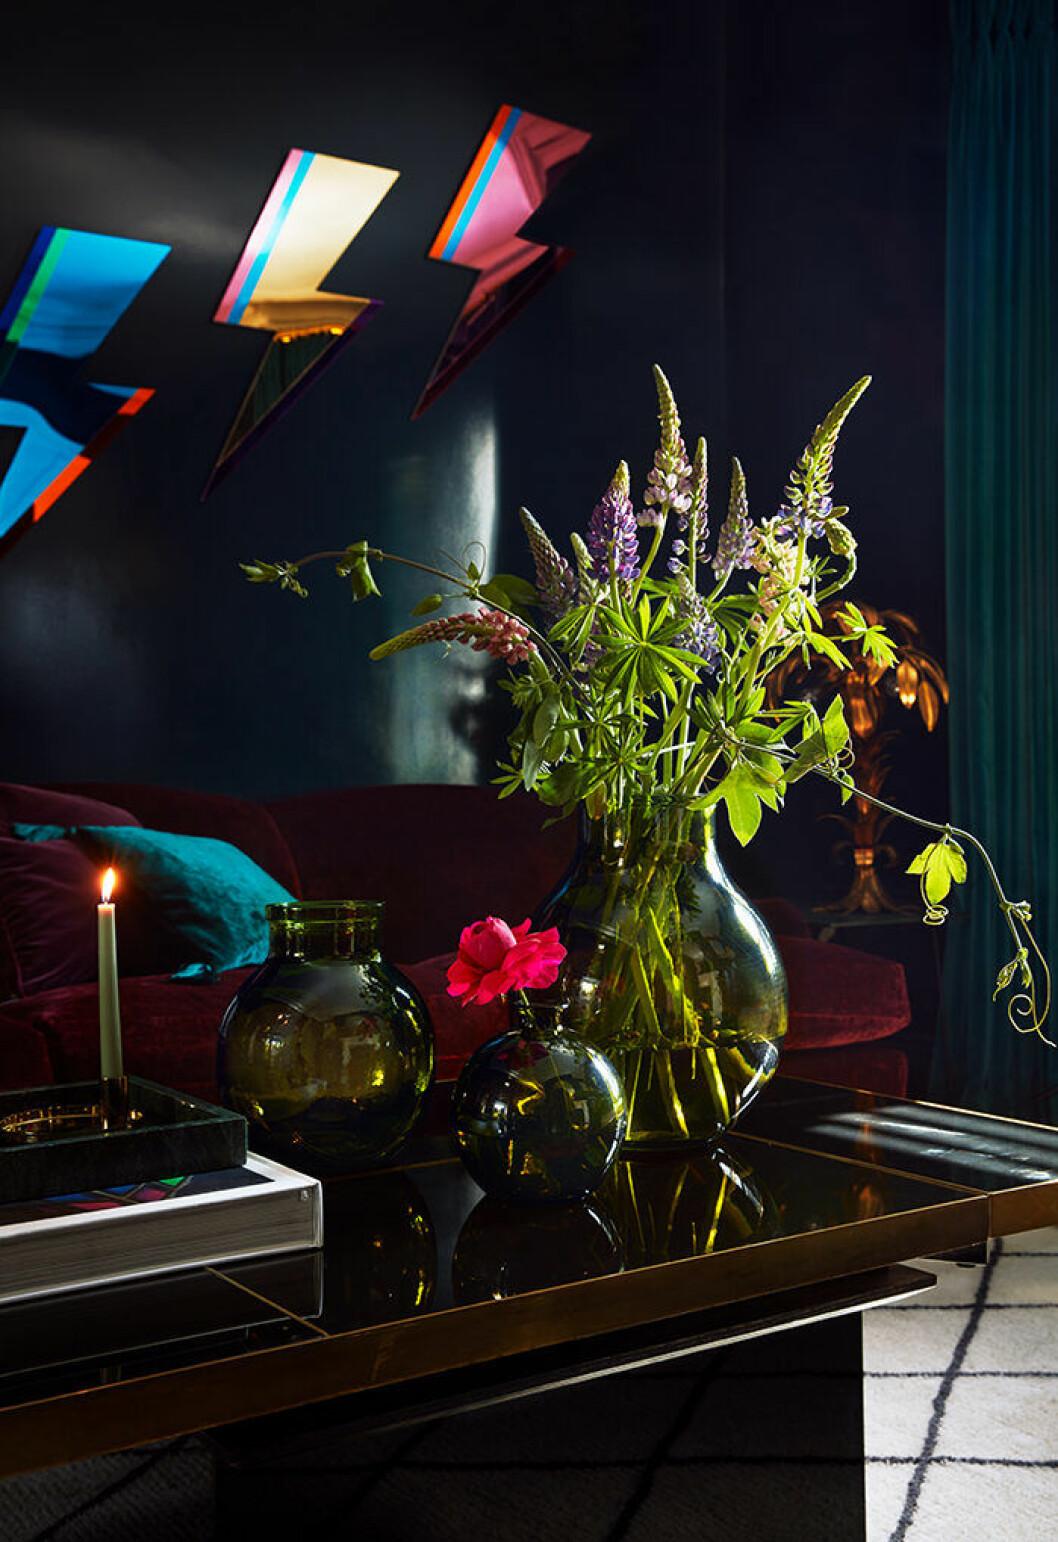 Hemma hos Poppy Delevingne är det eklektiskt och modigt inrett